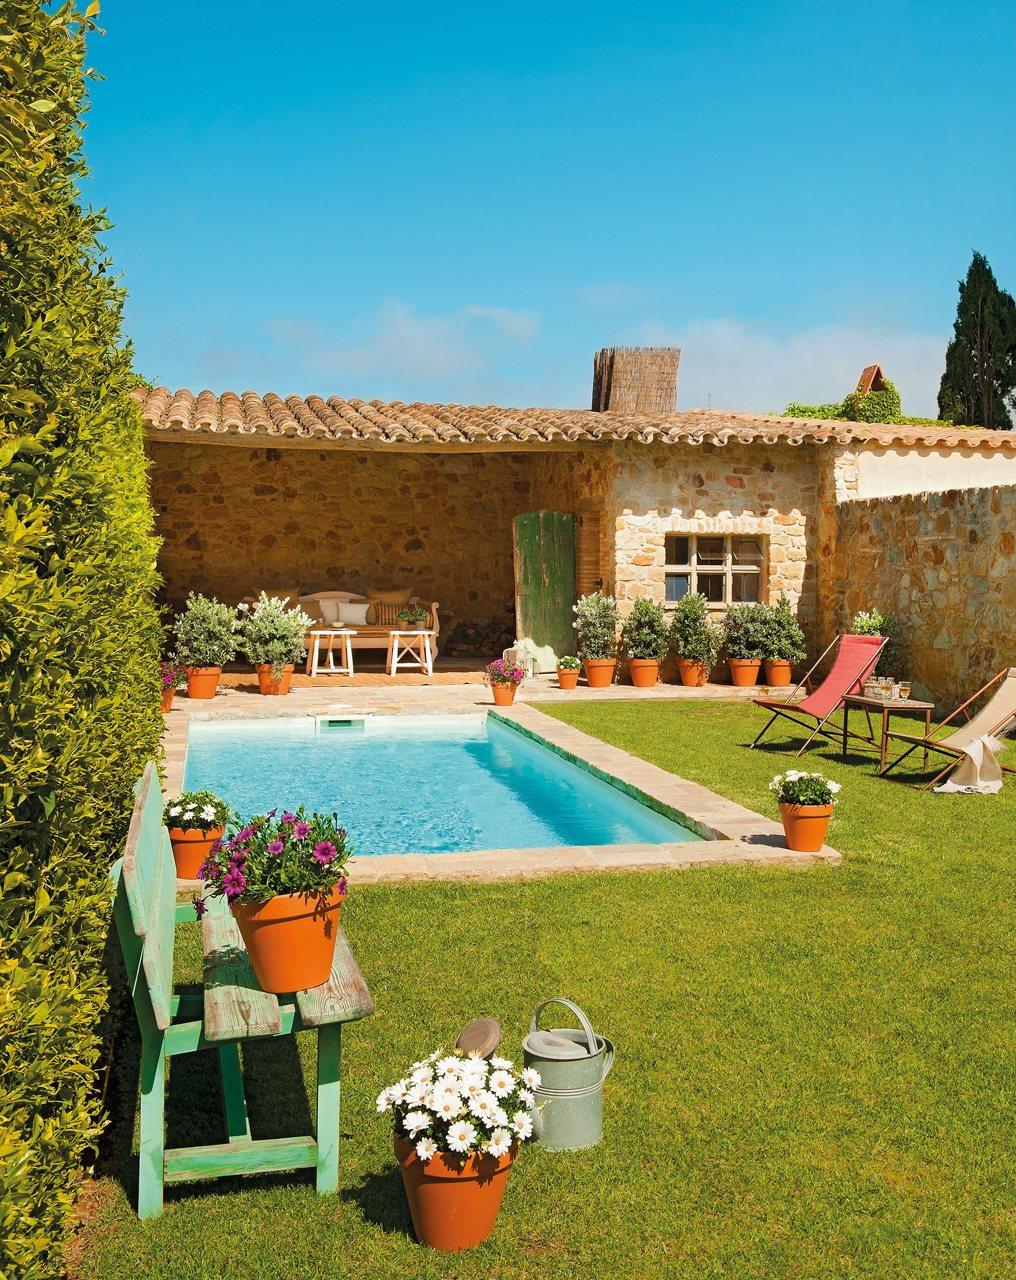 Una impresionante casa r stica del ampurd n for Modelos de casas de campo con piscina